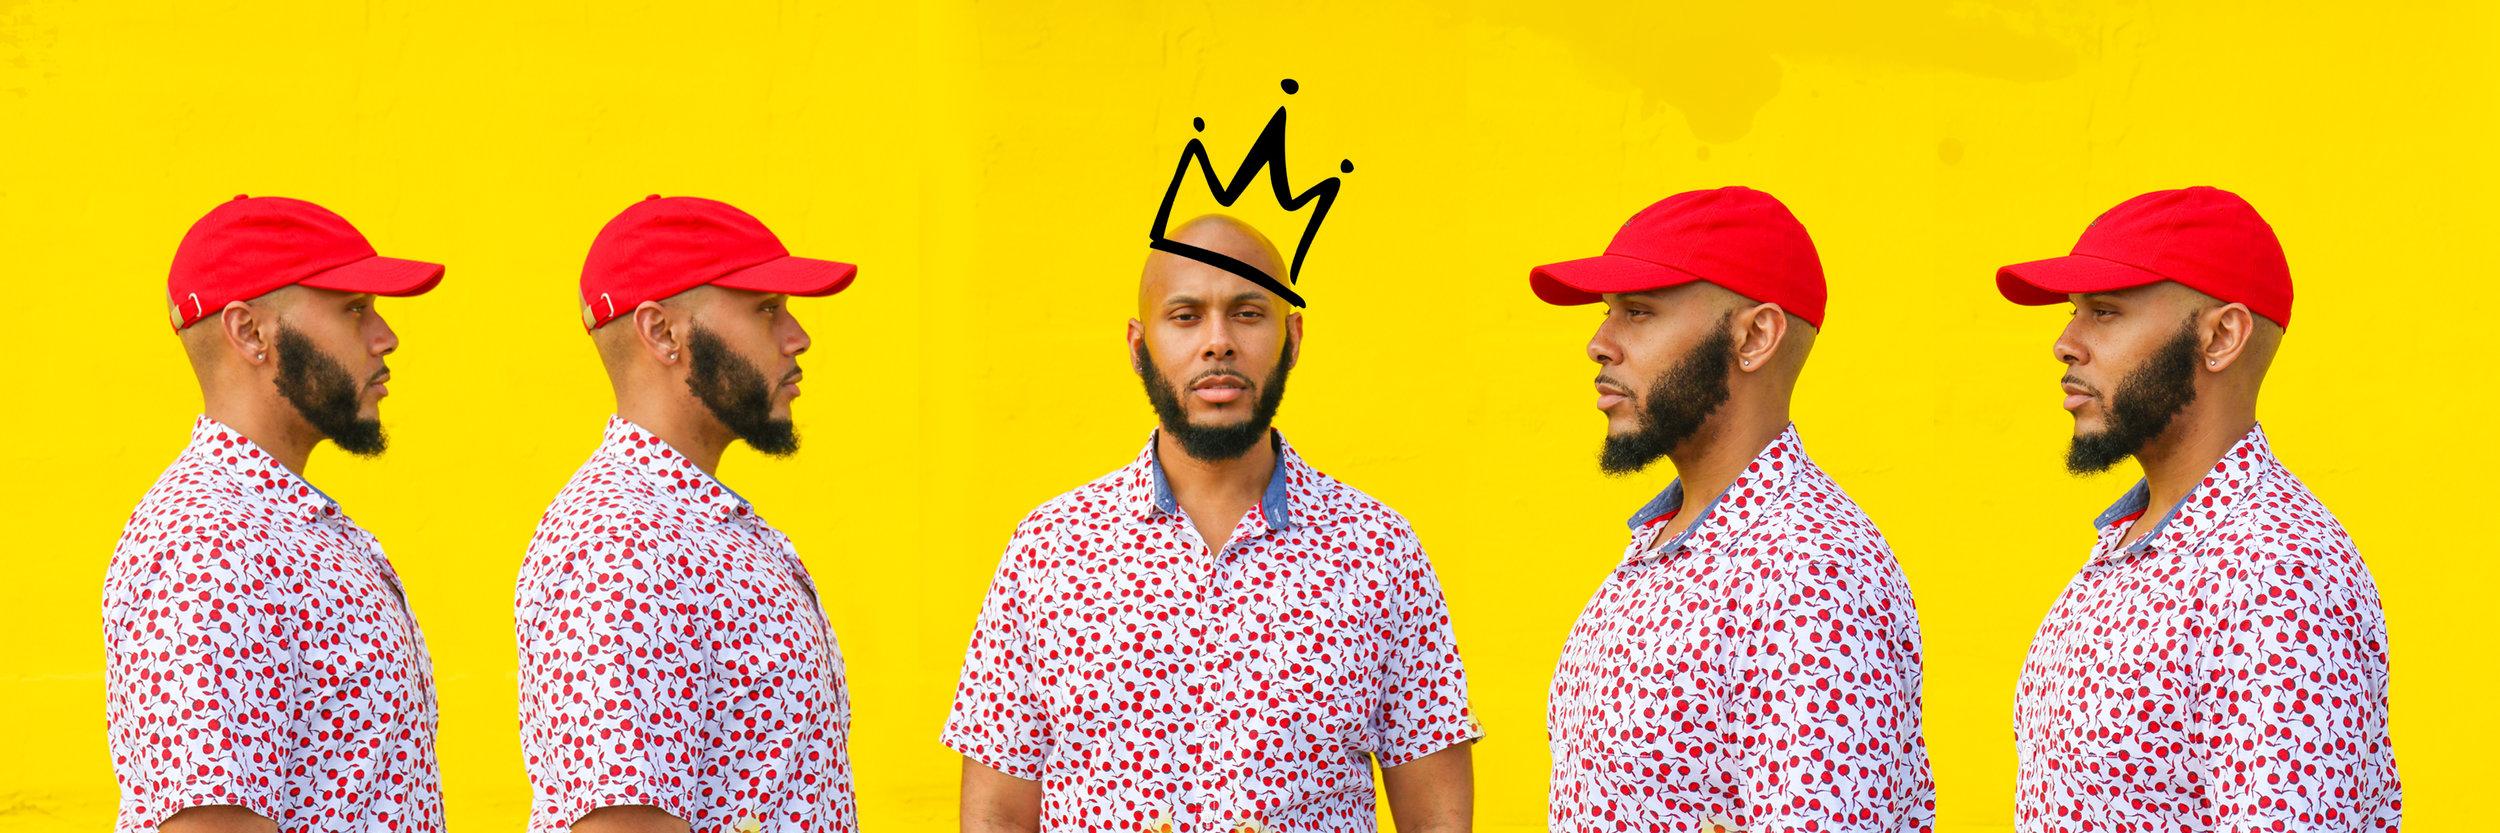 London crown 2.jpg